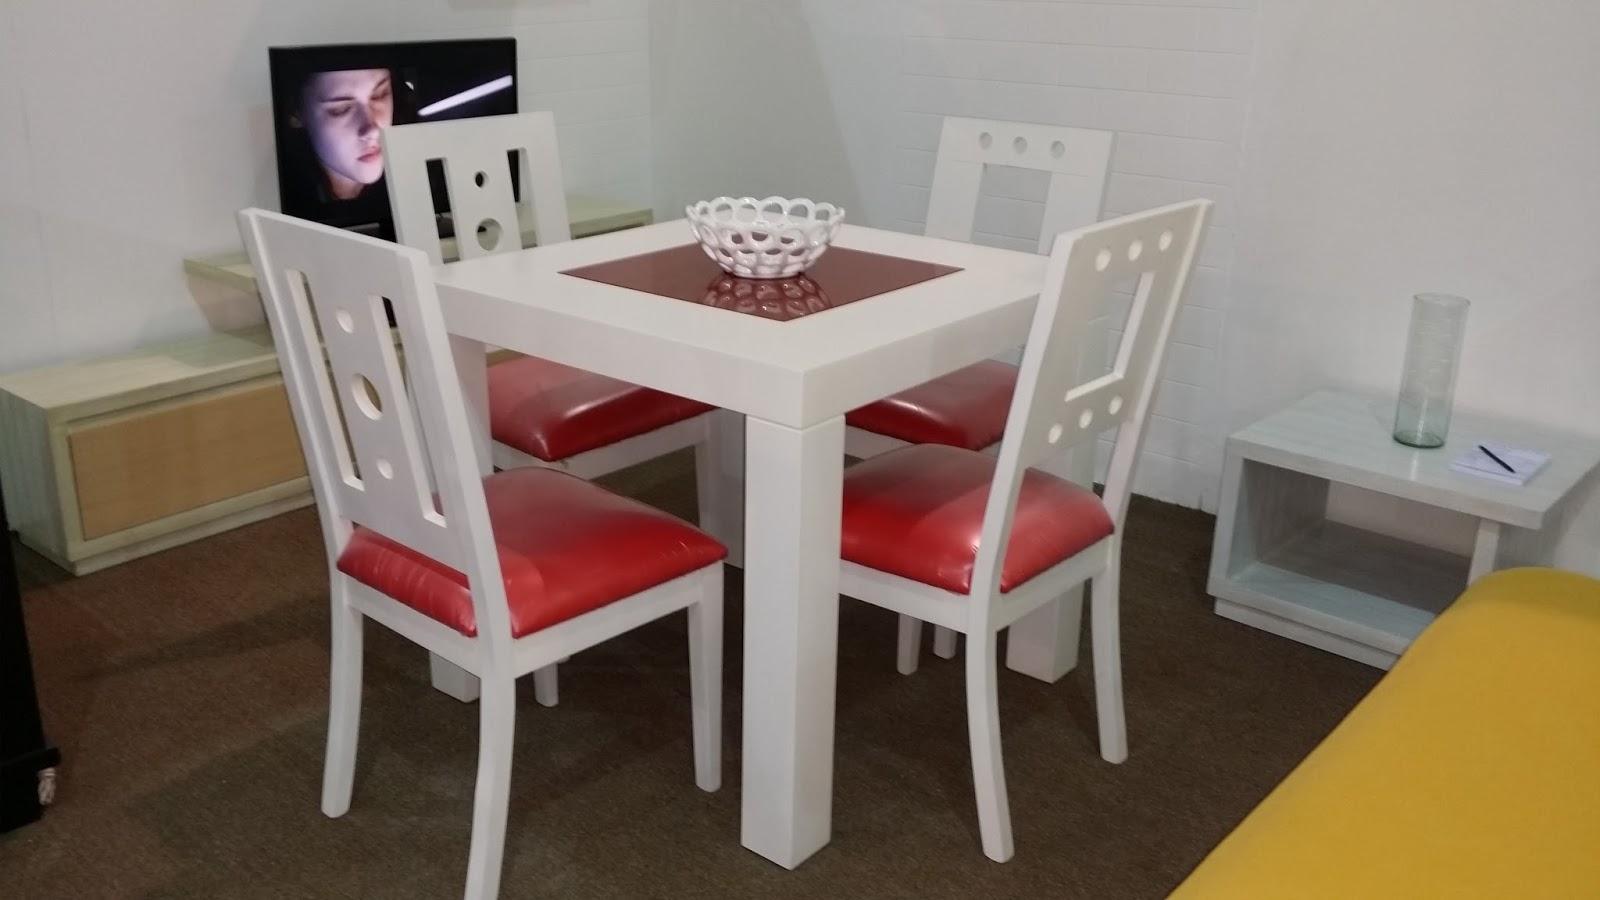 El artesano del mueble expo casa 2016 maracay - Muebles el artesano ...